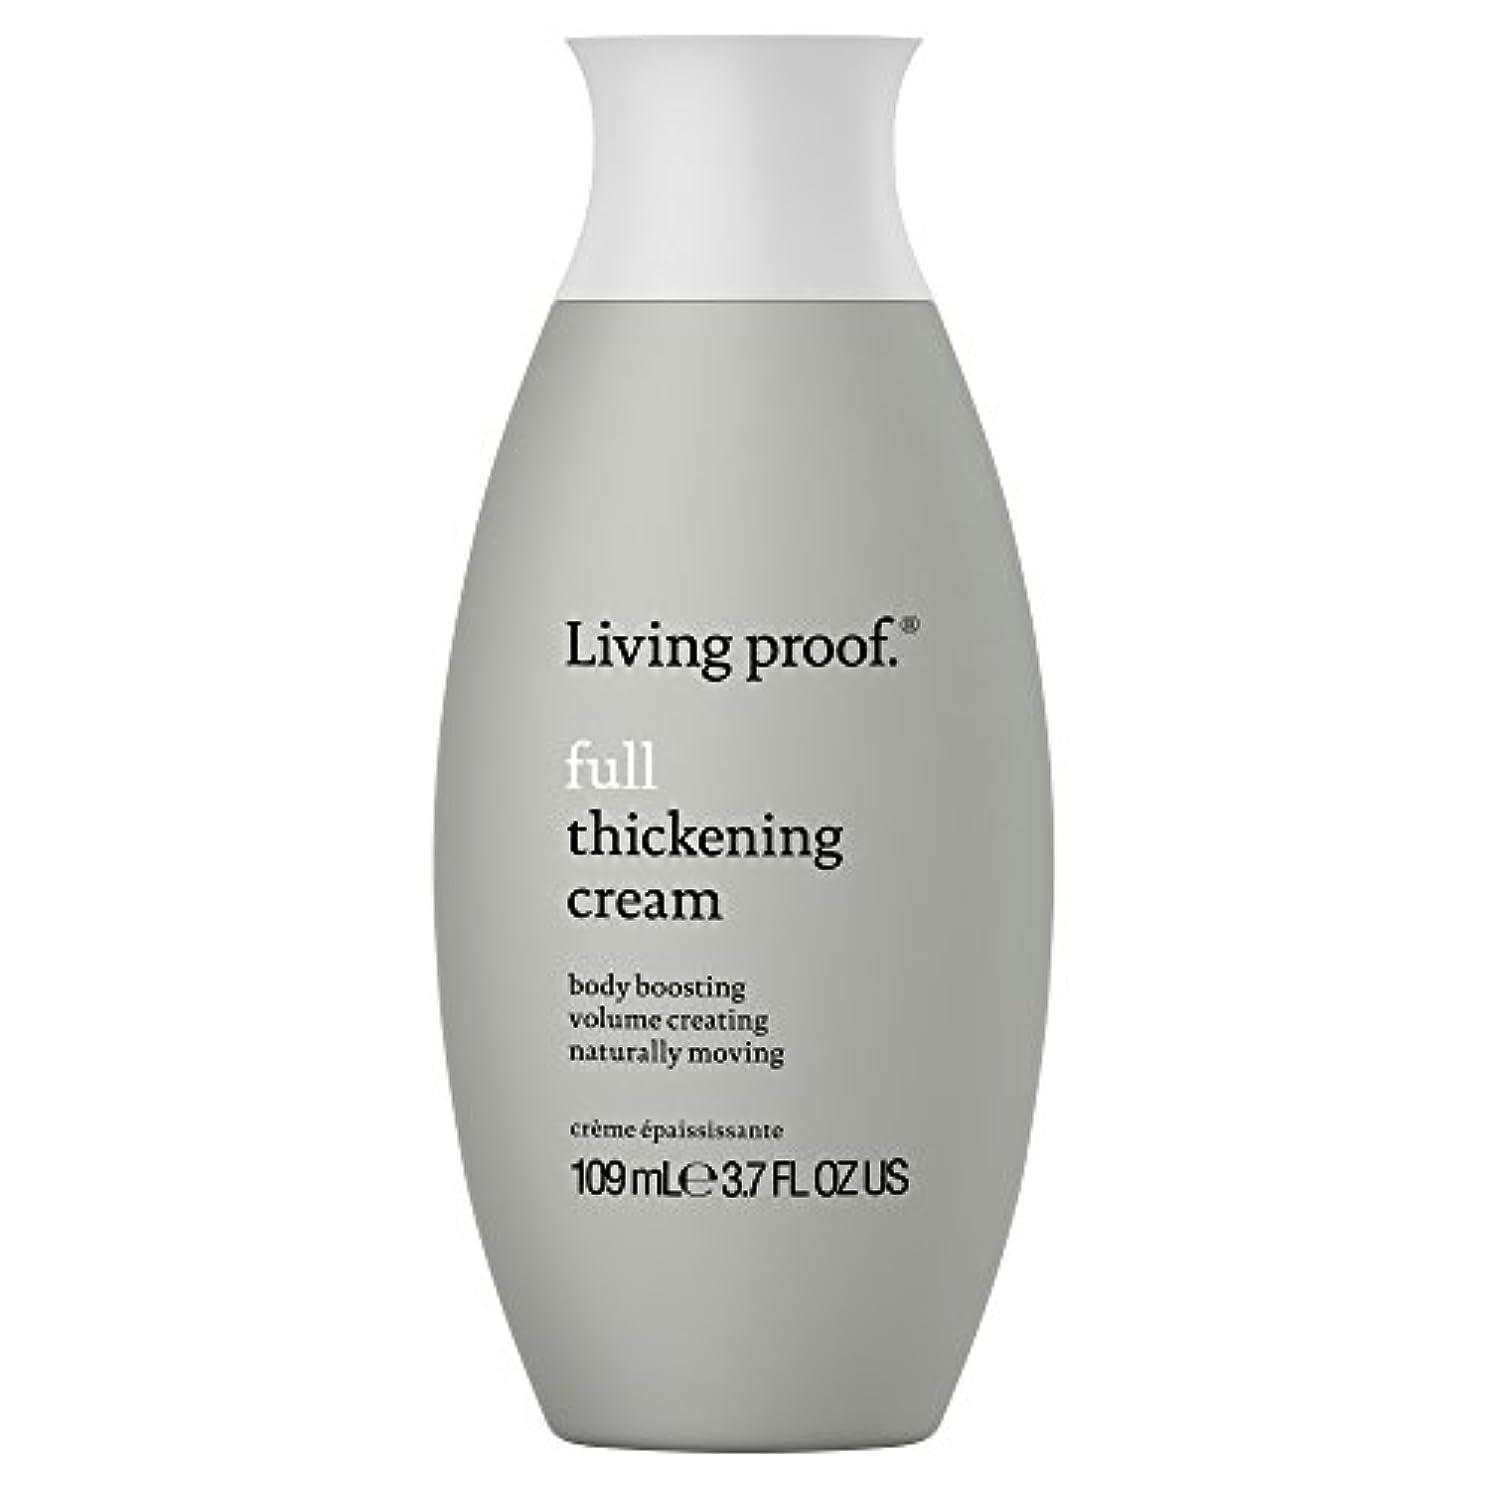 差幼児防衛生きている証拠フル肥厚クリーム109ミリリットル (Living Proof) - Living Proof Full Thickening Cream 109ml [並行輸入品]